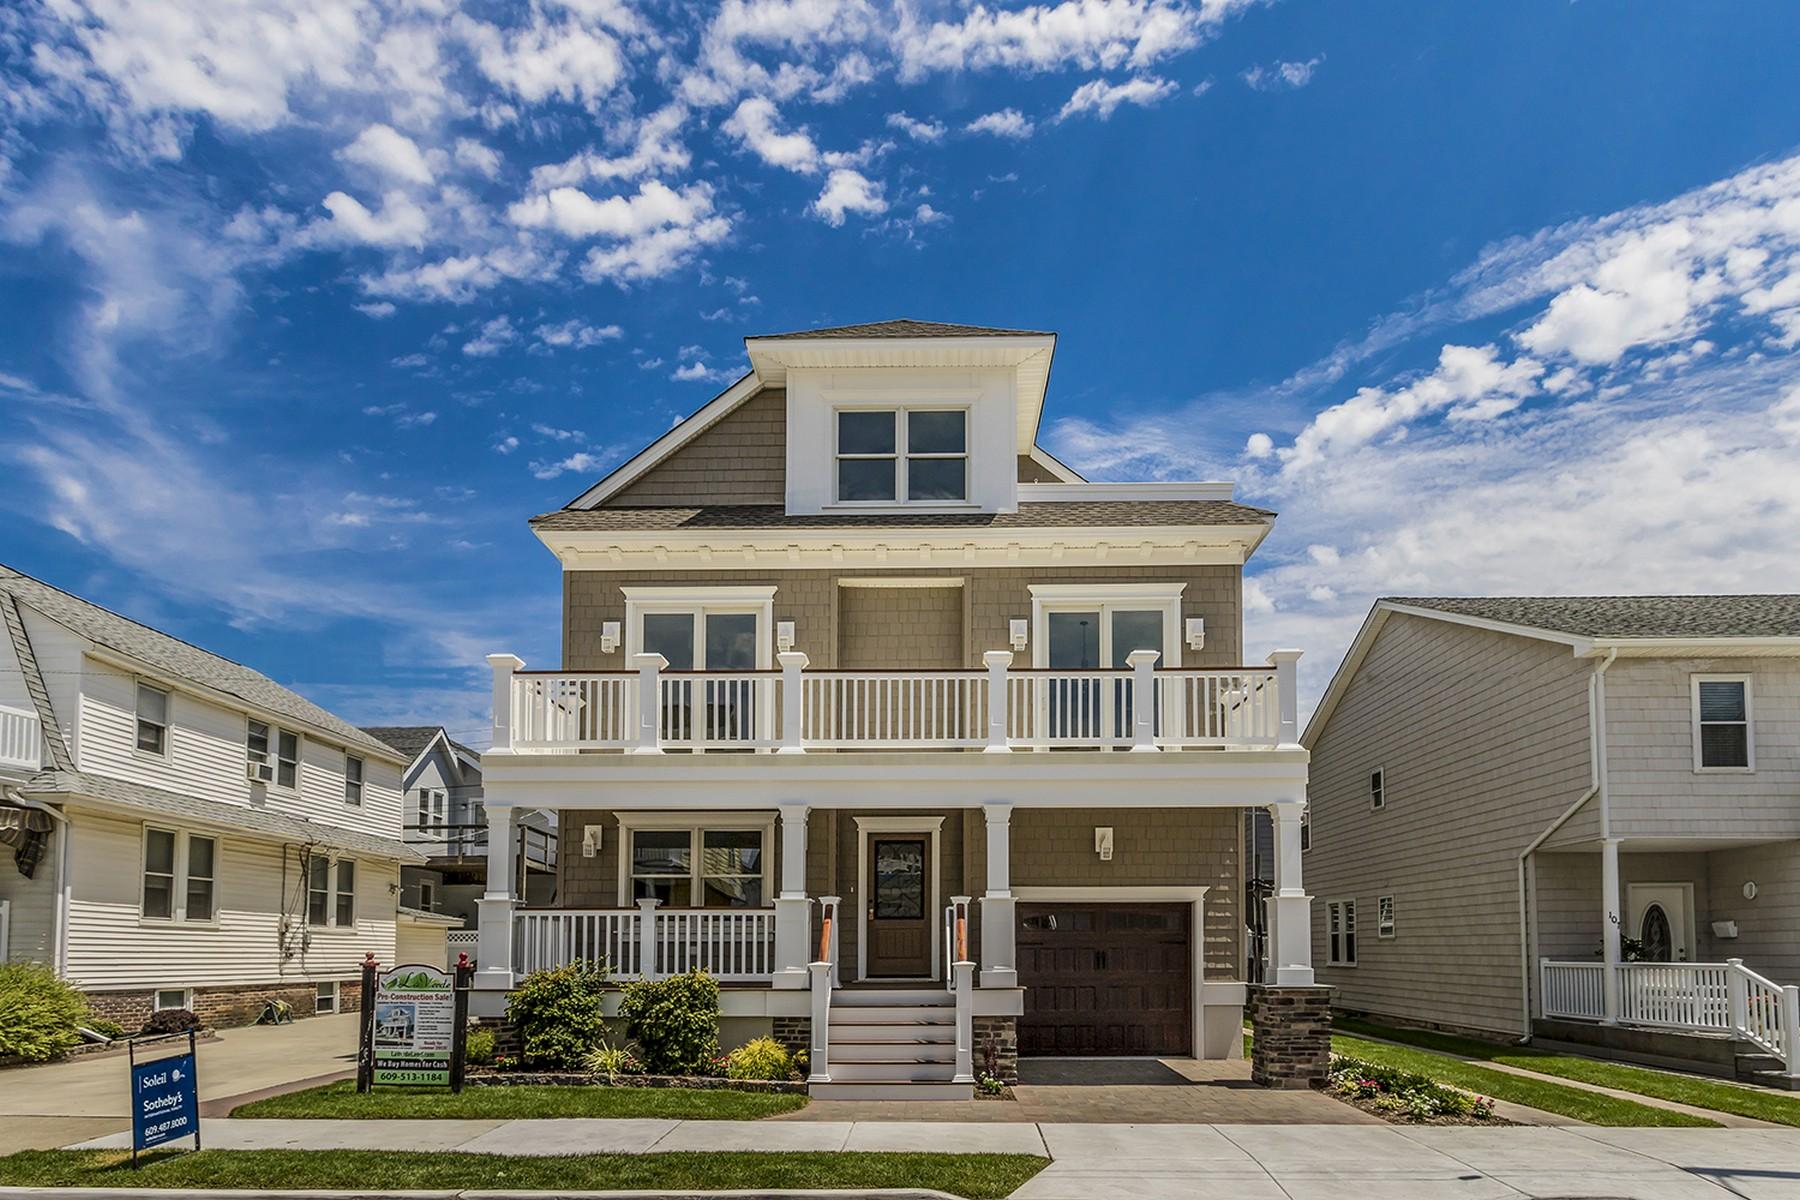 Casa Unifamiliar por un Venta en 105 S Troy Ave. Ventnor, Nueva Jersey 08406 Estados Unidos